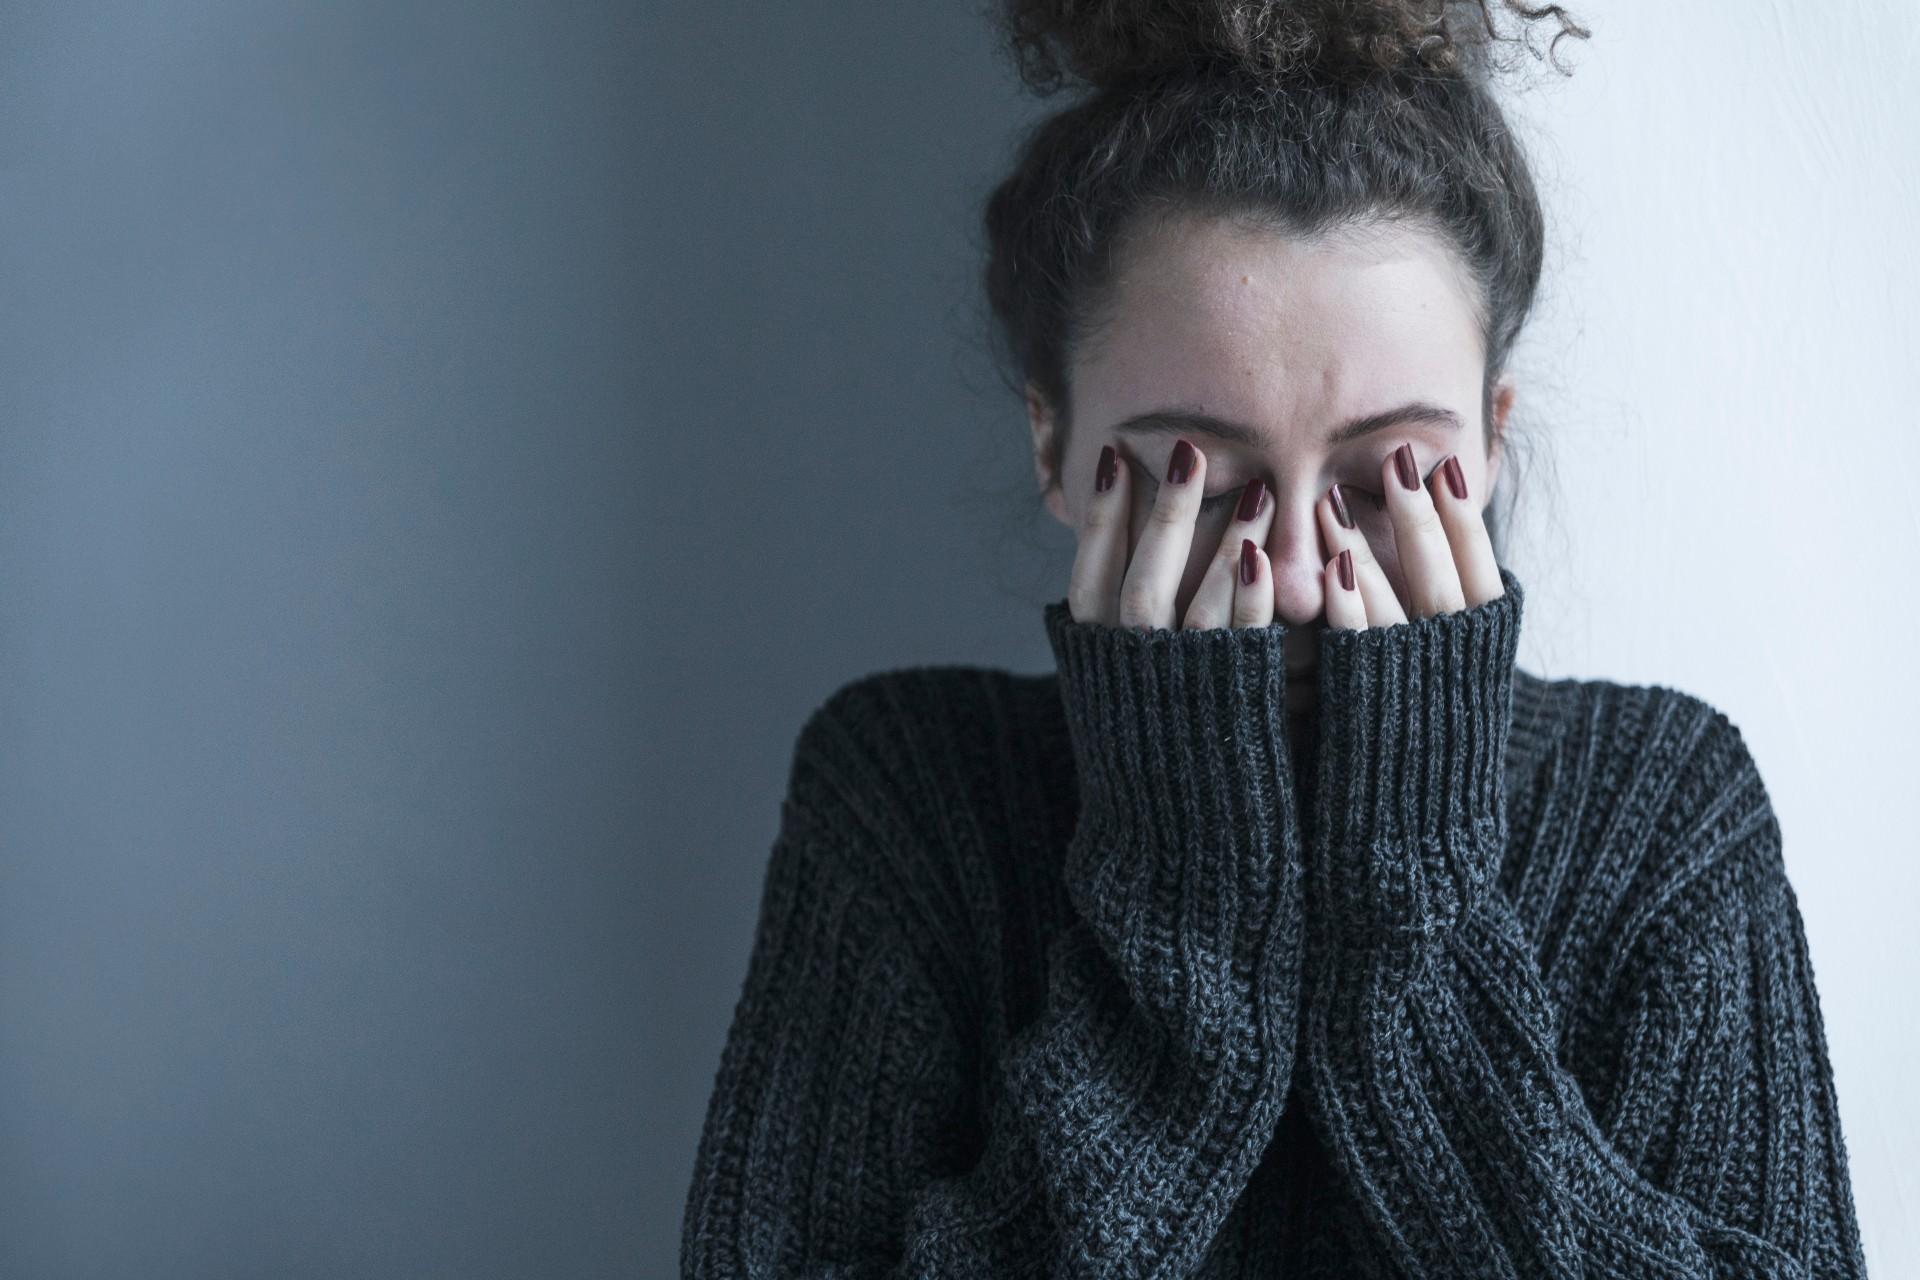 """Fortalecer la autoestima de los adolescentes conlleva devolverles una mirada """"empoderada de sí mismos""""."""